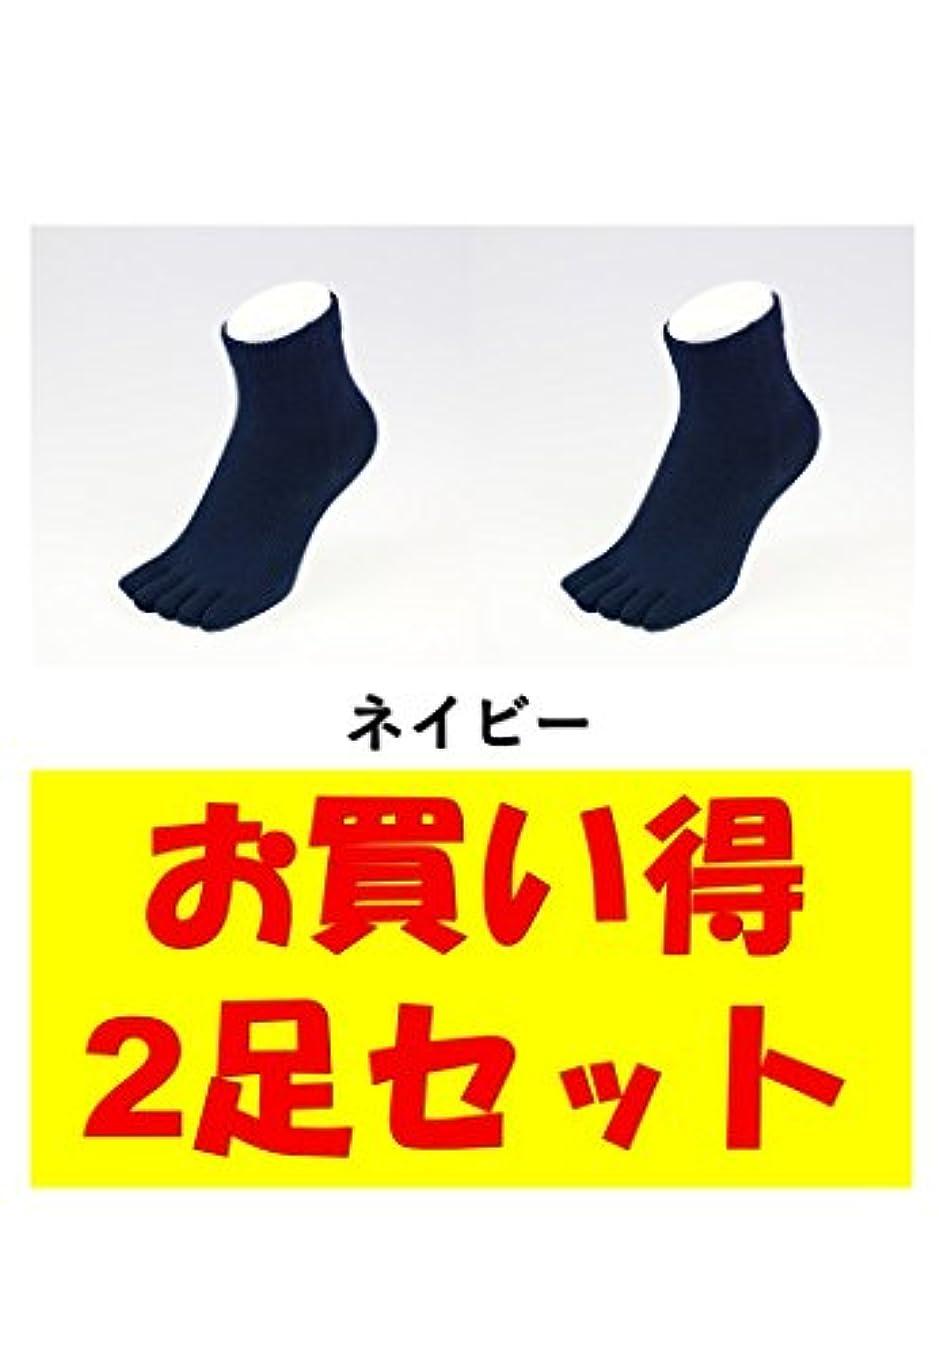 評決モス鳩お買い得2足セット 5本指 ゆびのばソックス Neo EVE(イヴ) ネイビー iサイズ(23.5cm - 25.5cm) YSNEVE-NVY